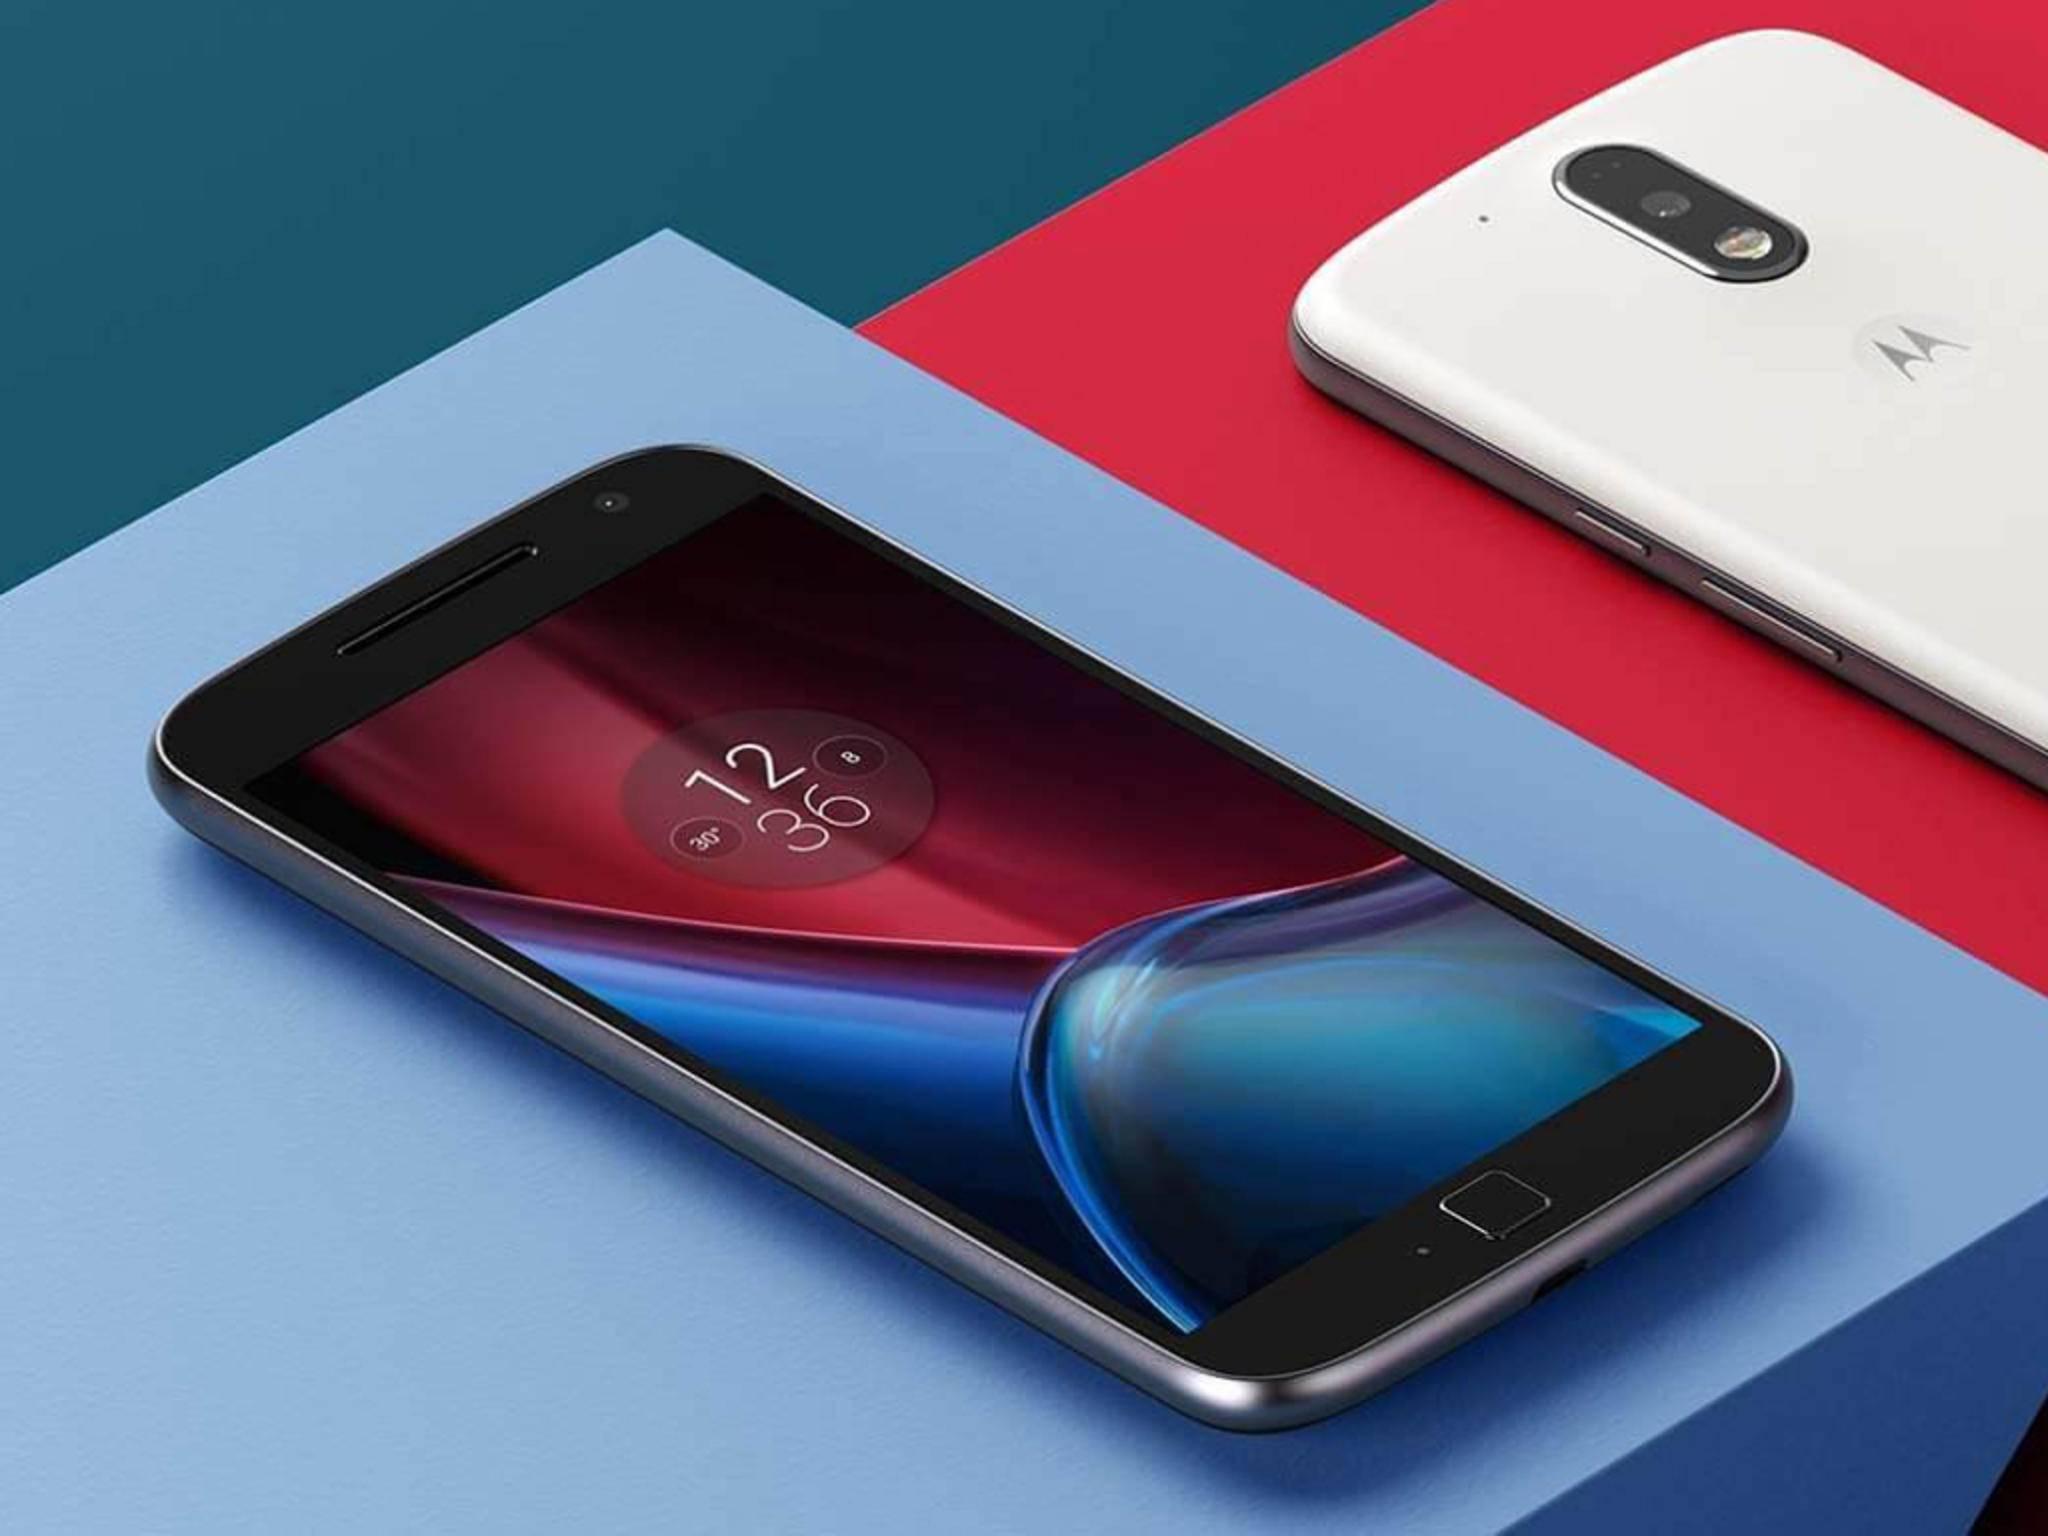 So sieht das neue Moto G4 Plus von Motorola aus.